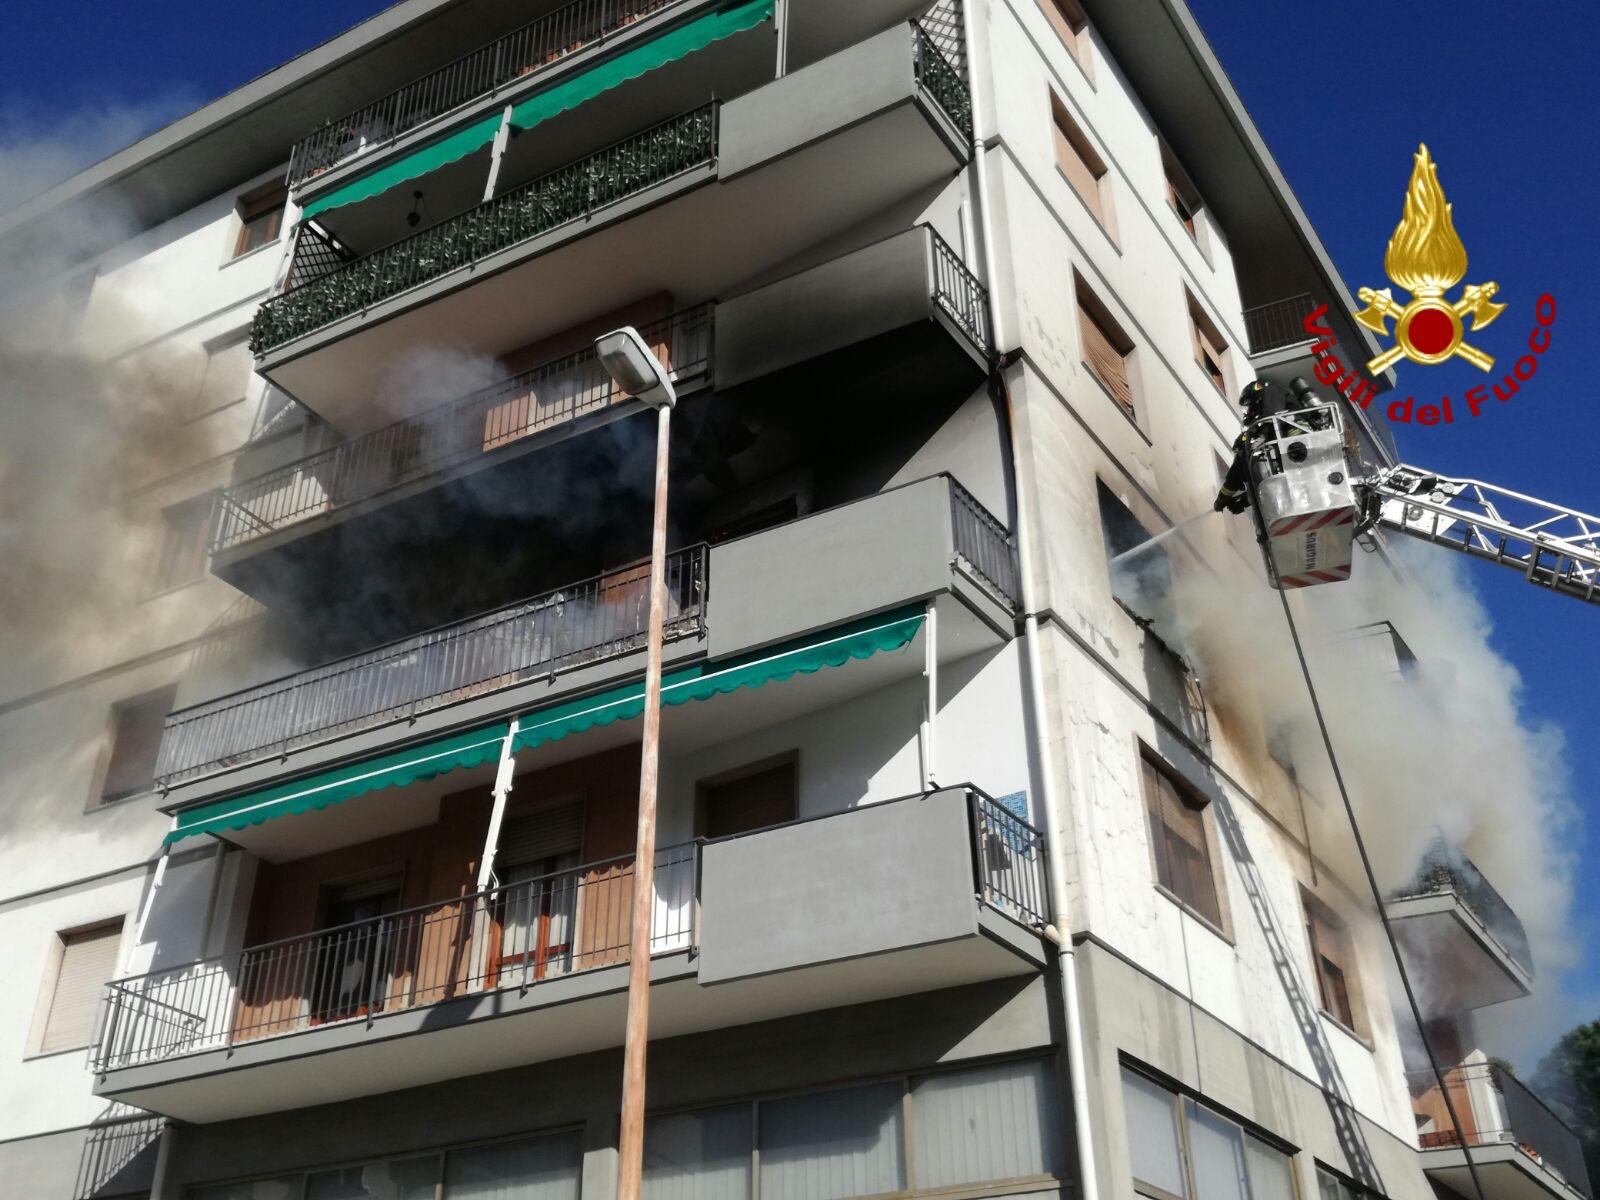 Incendio a Pordenone, condominio evacuato